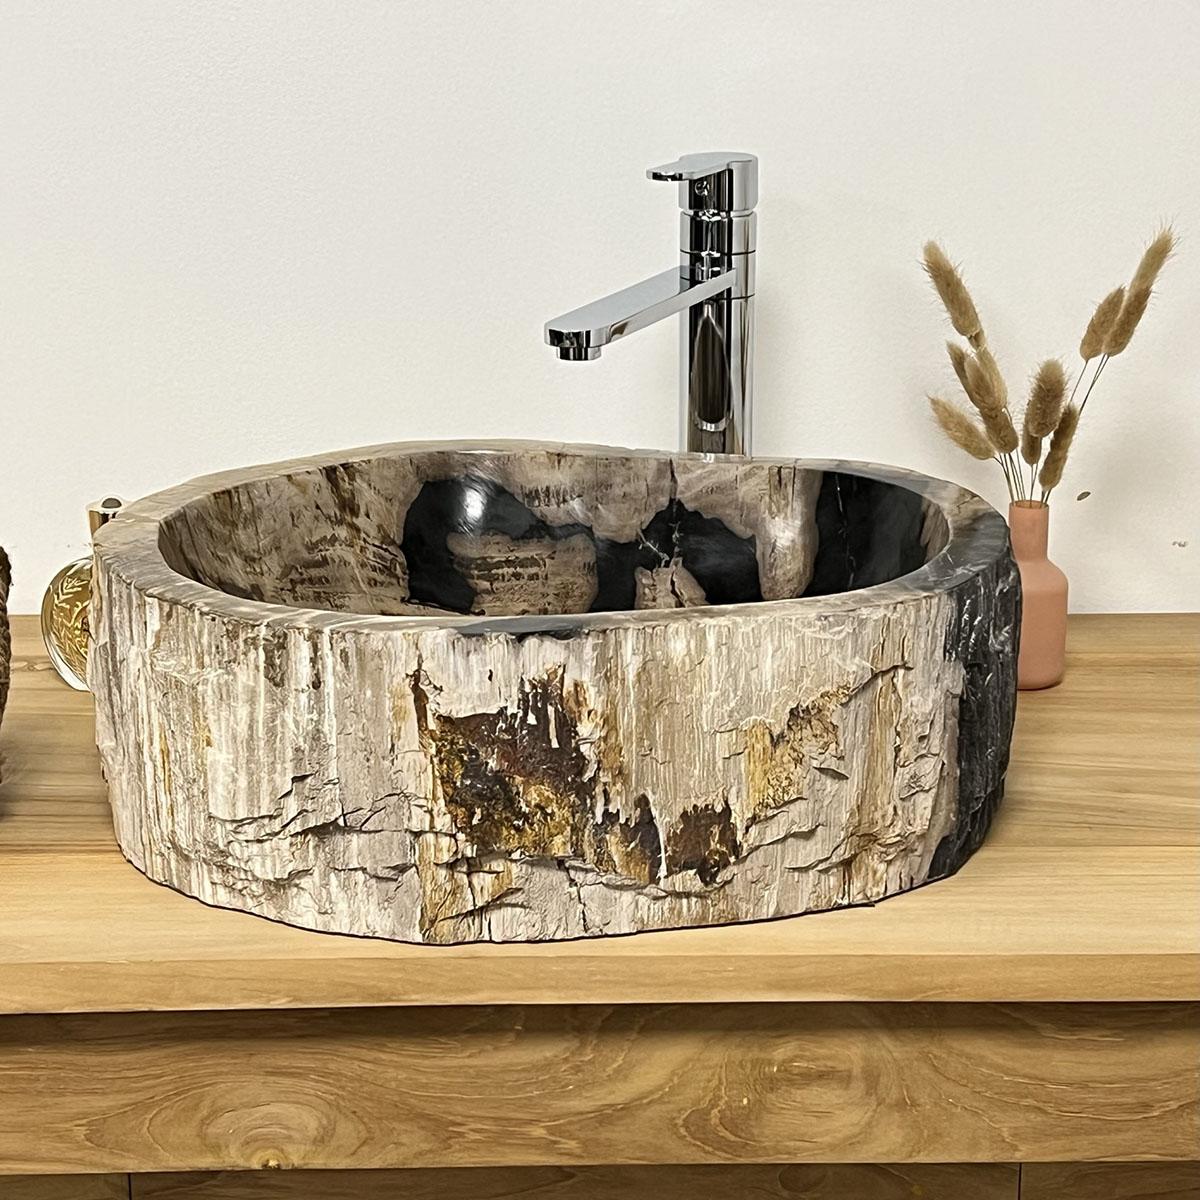 Vasque vasque poser bois p trifi fossilis l 49 cm x p 43 cm x h 14 cm - Vasque salle de bain bois ...